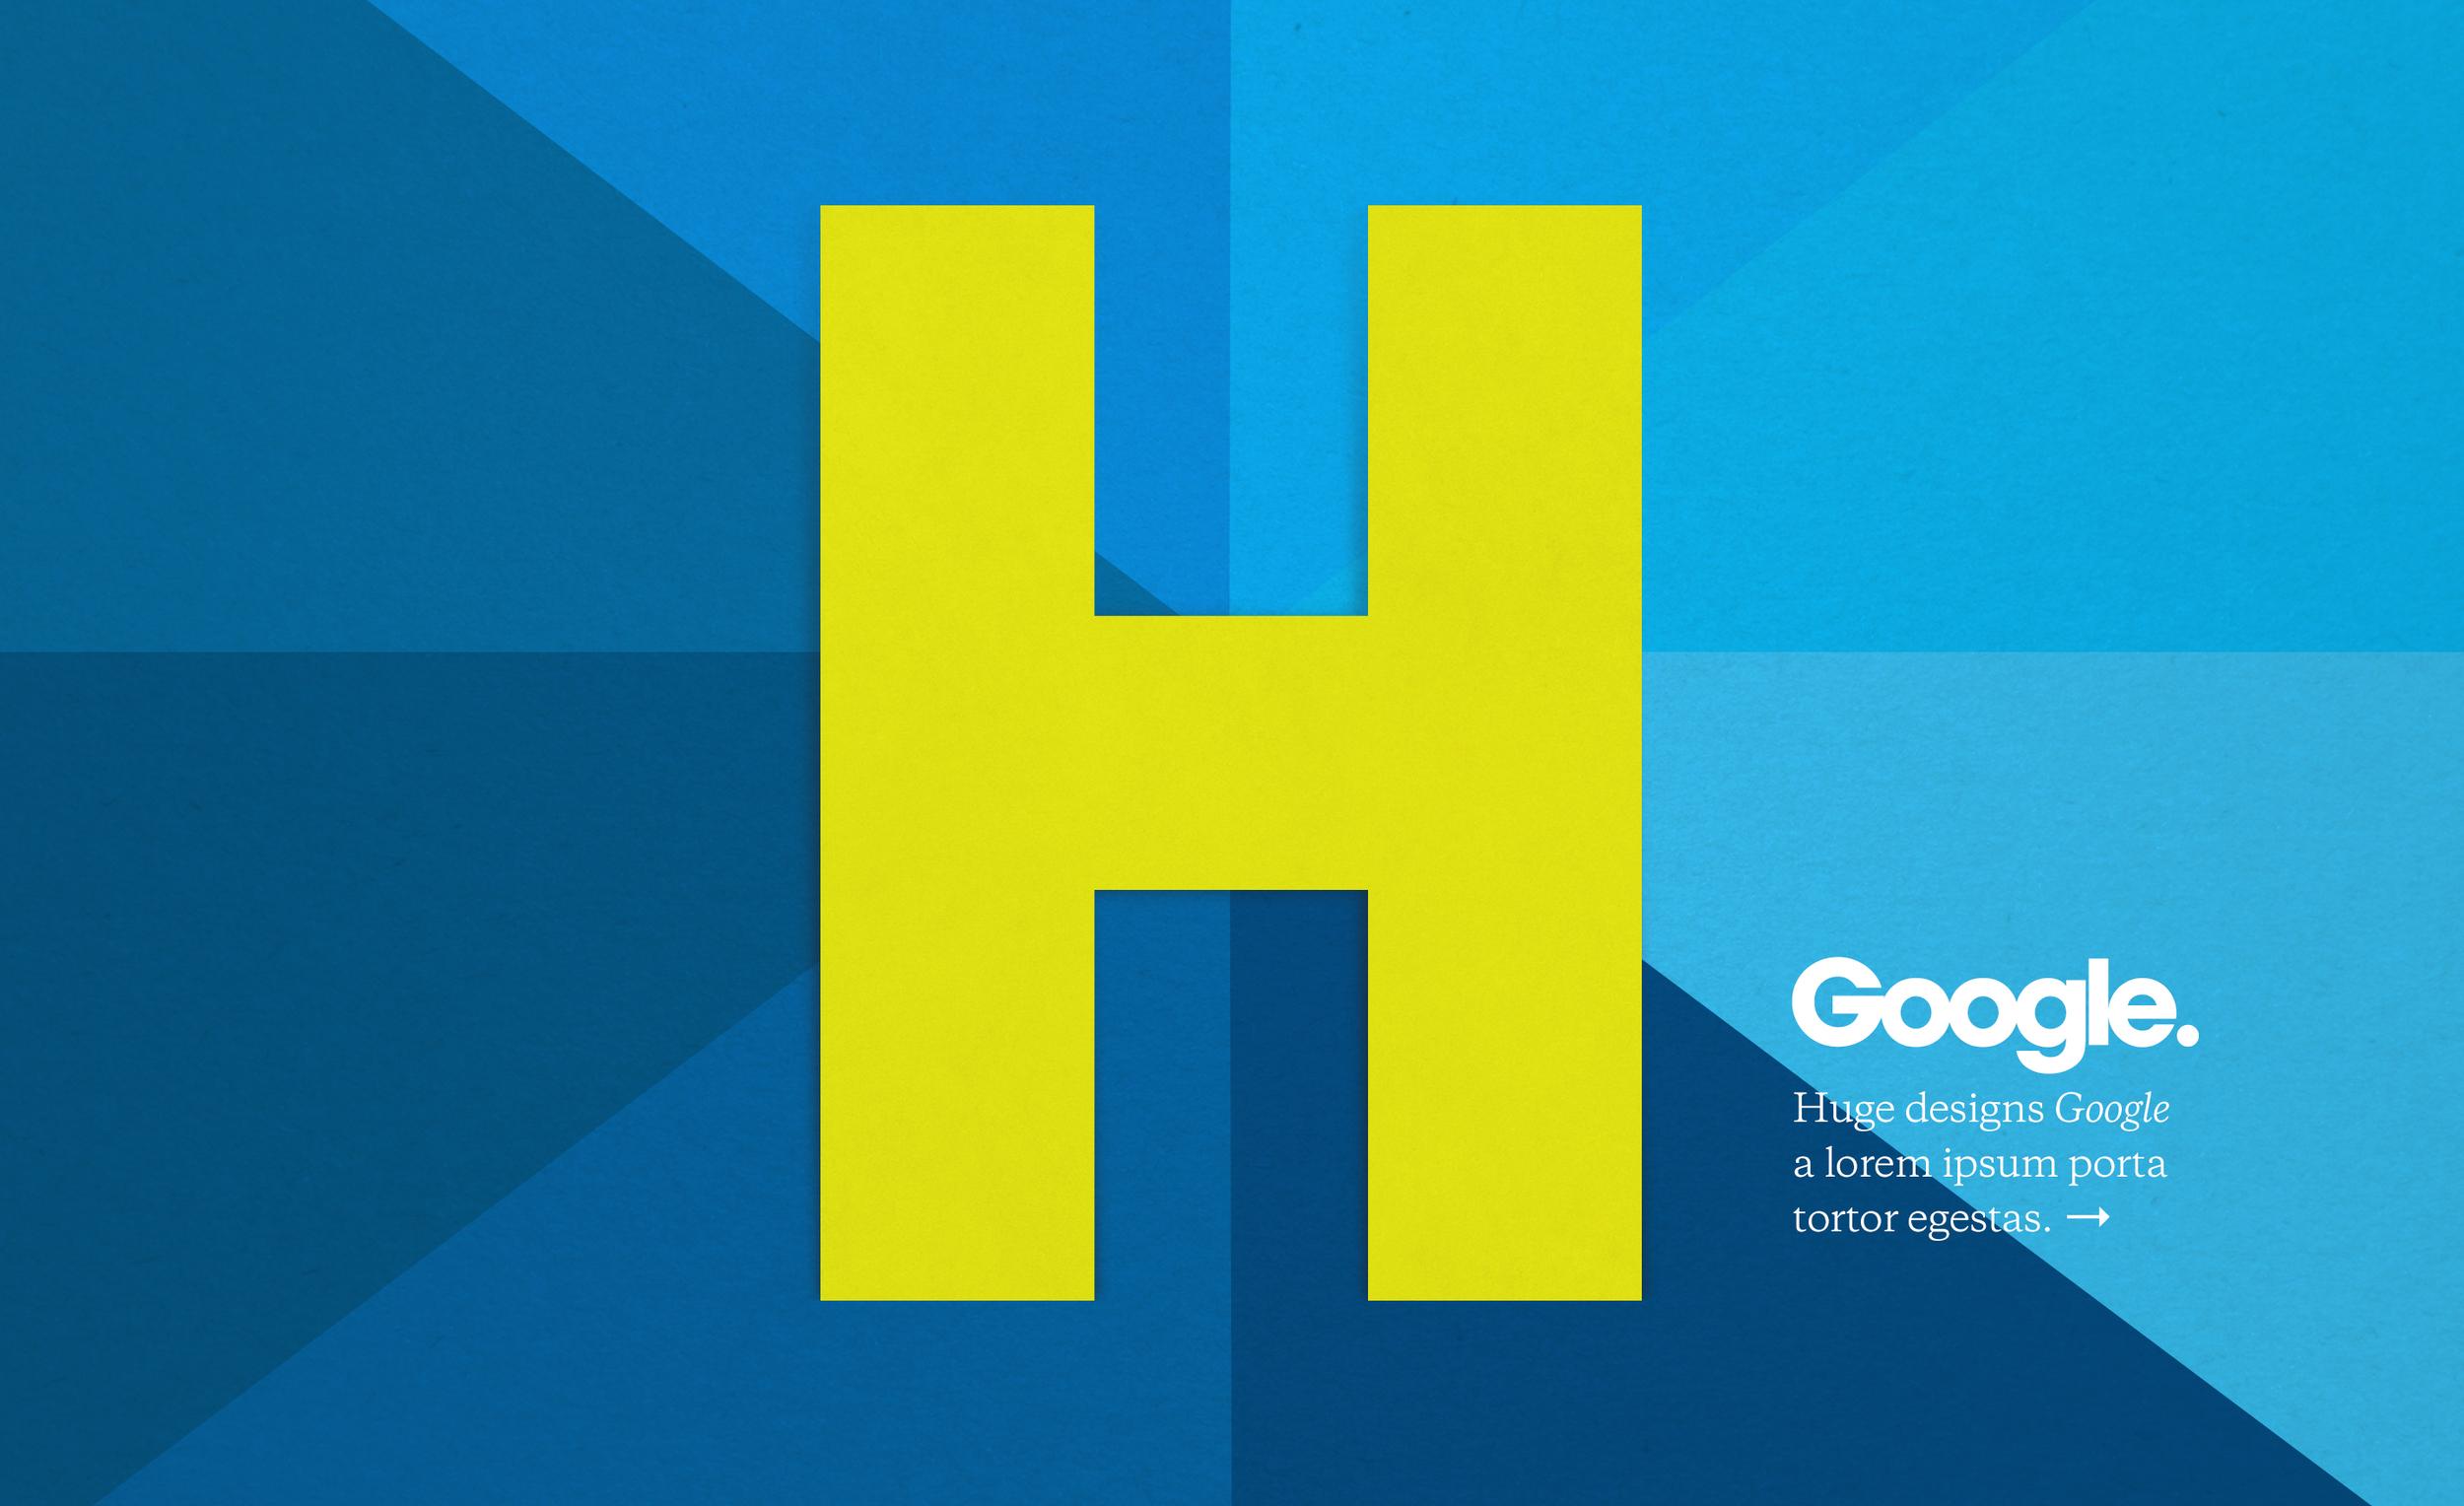 H_Google_v05.jpg